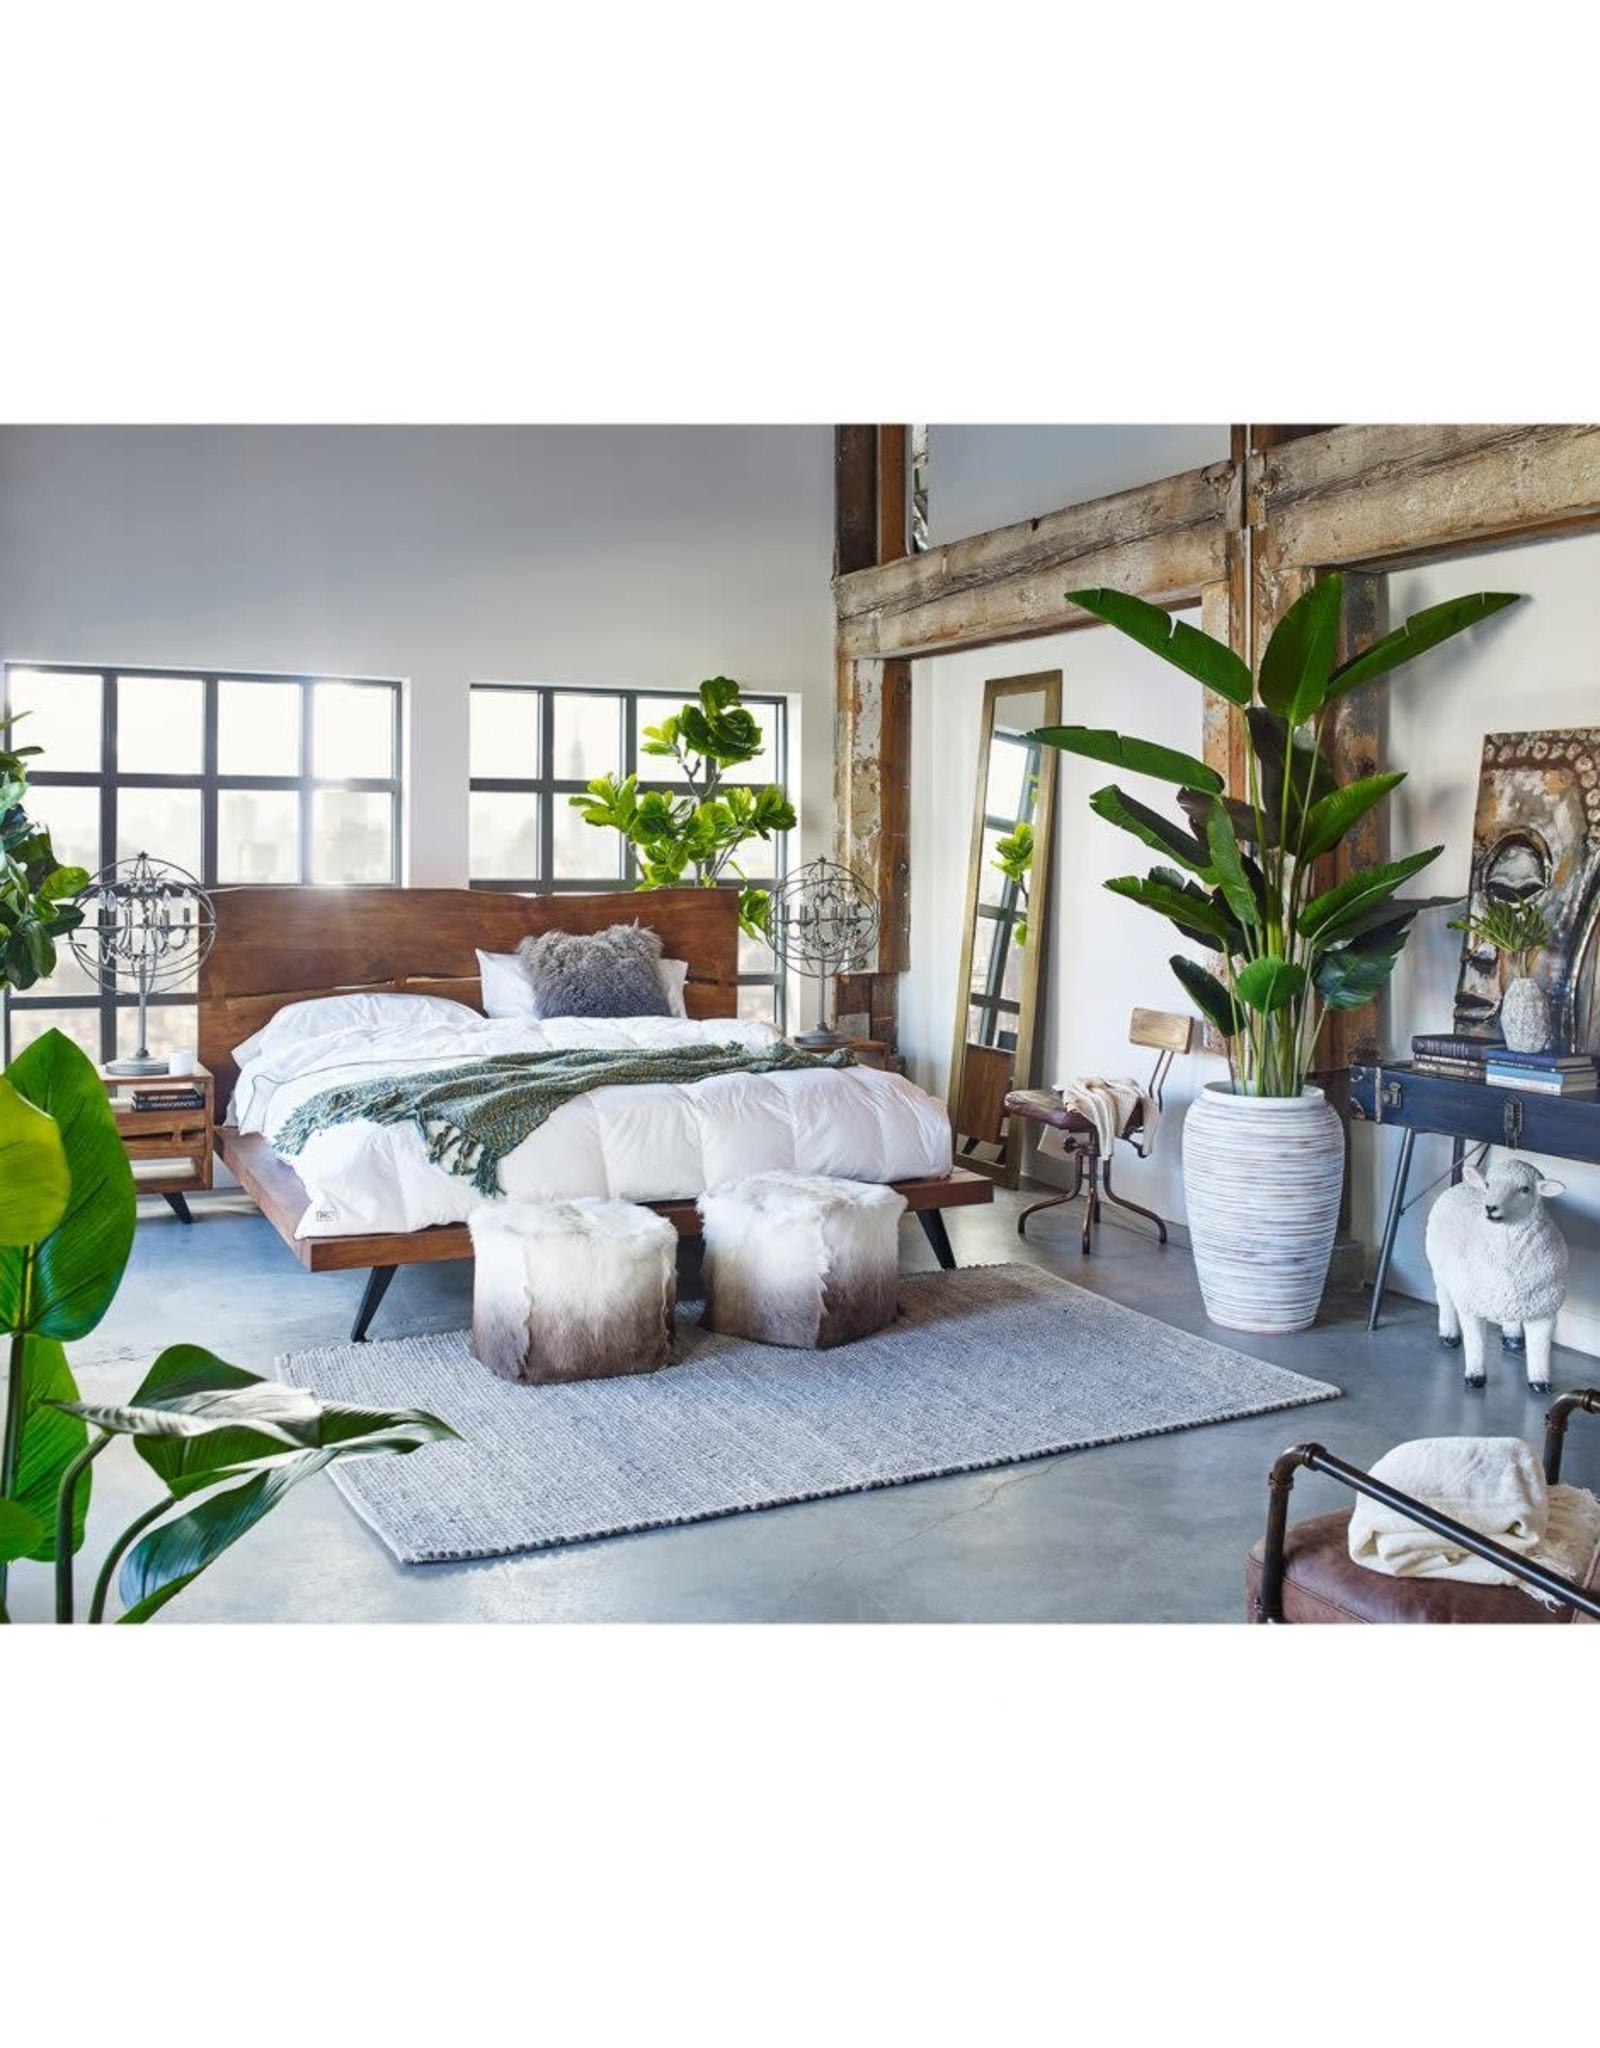 Moe's Home Collection Madagascar Platform King Bed